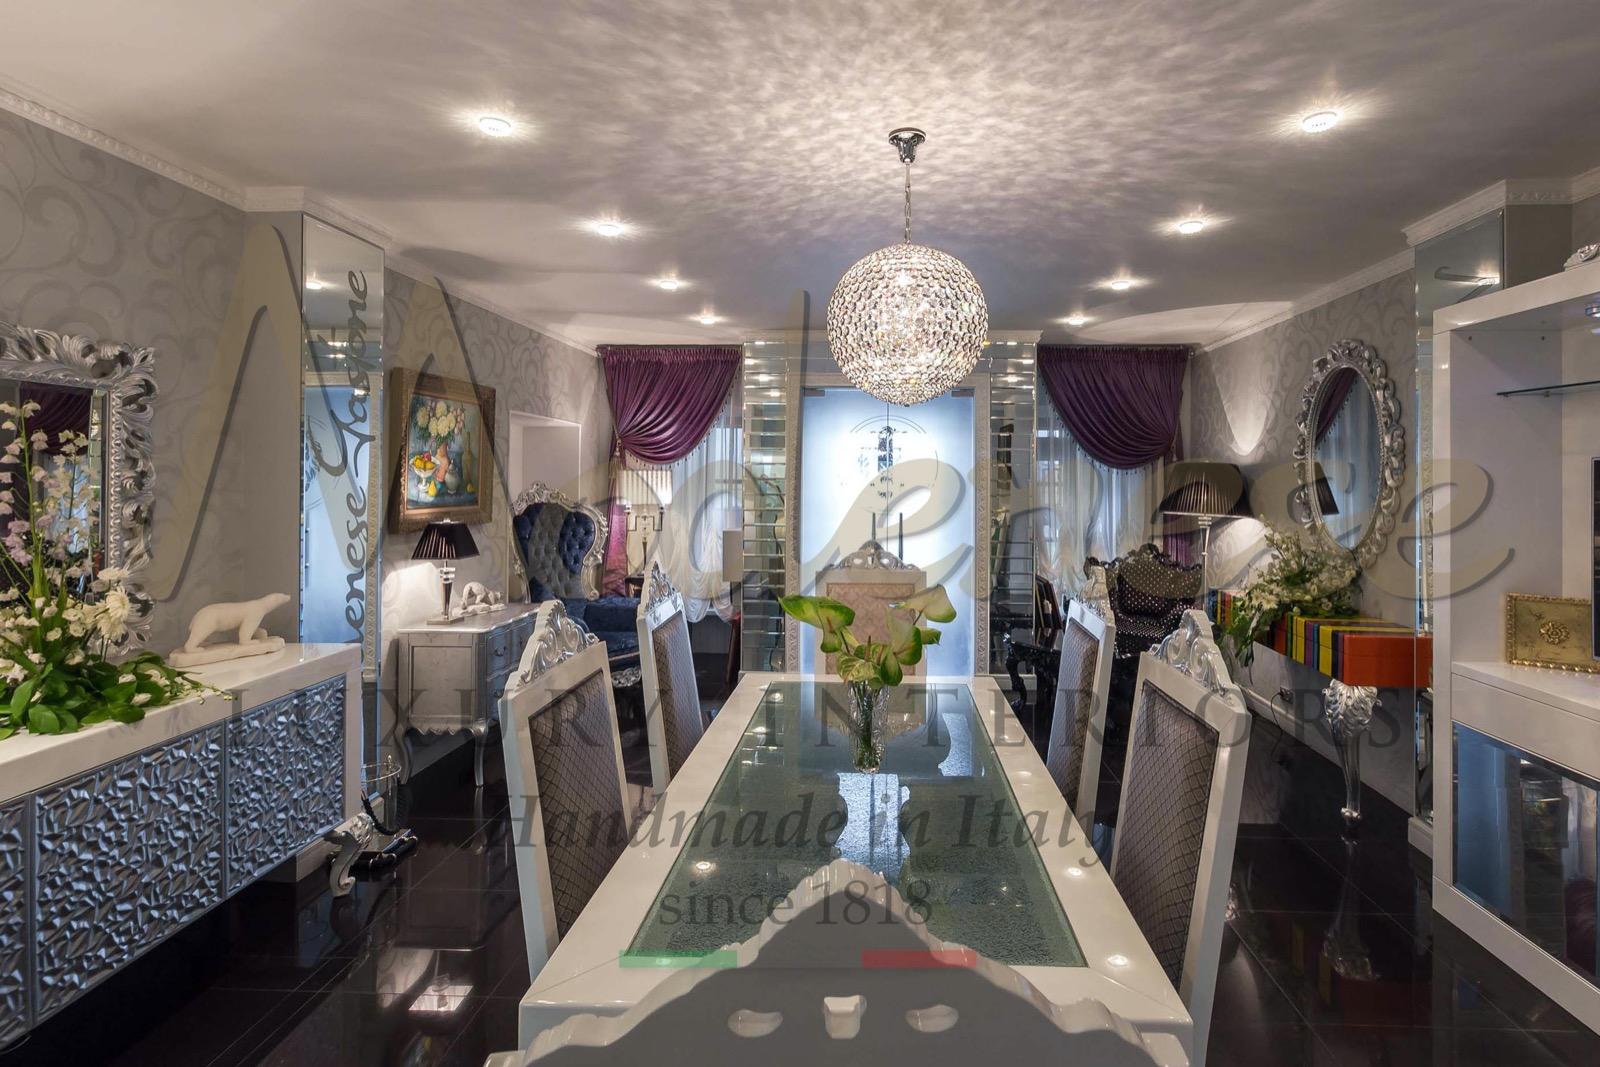 Россия Москва салон роскошной классической мебели made in Italy индивидуальные решения ампир французский стиль итальянский